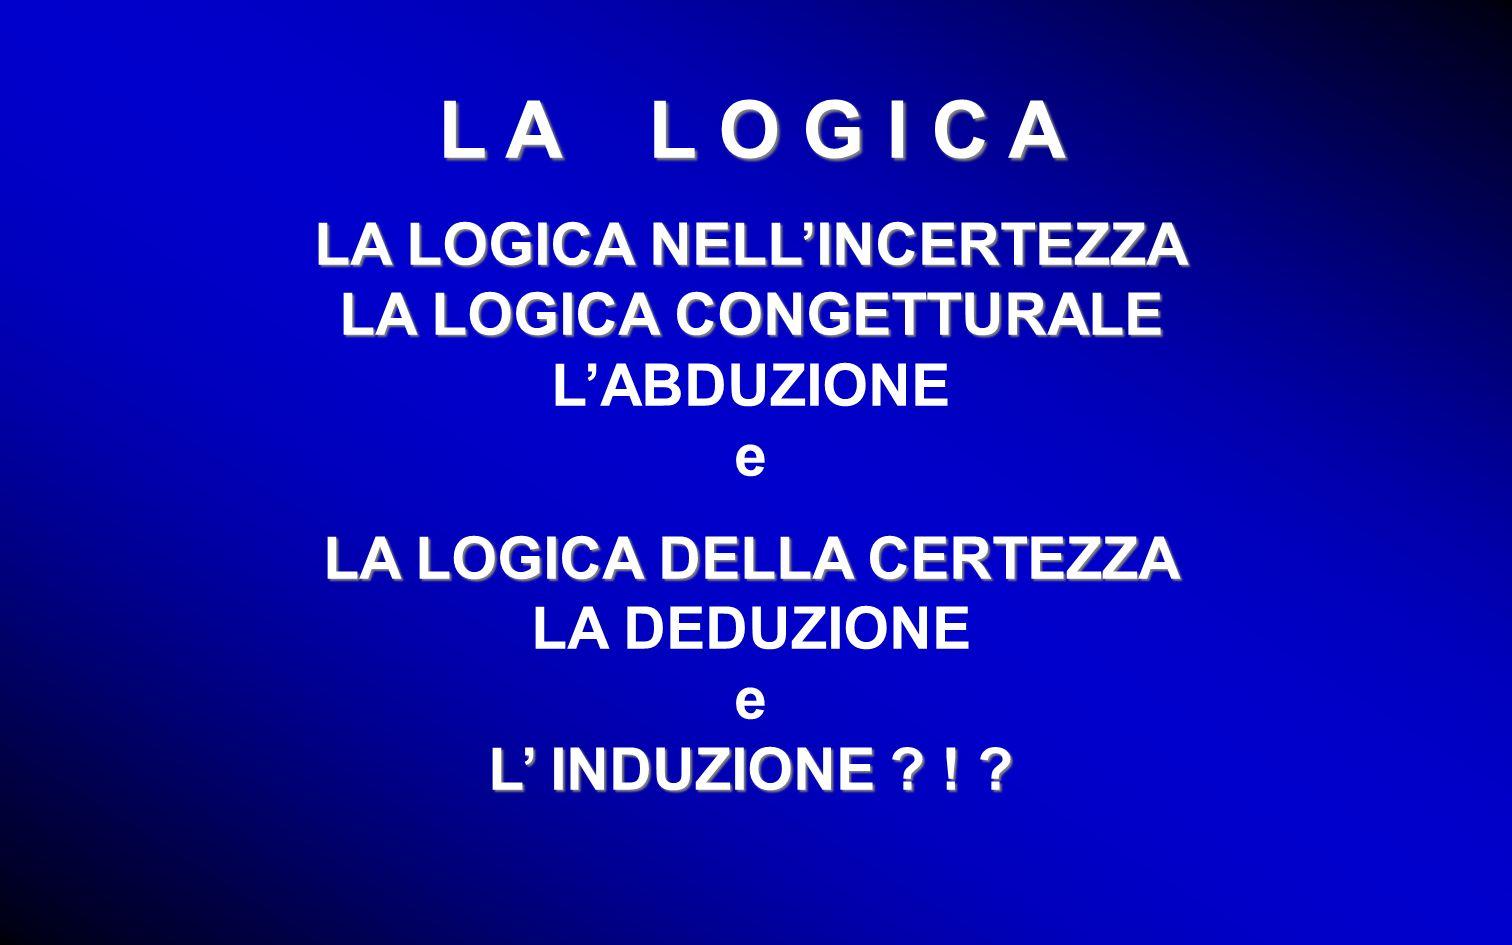 L A L O G I C A LA LOGICA NELL'INCERTEZZA LA LOGICA CONGETTURALE